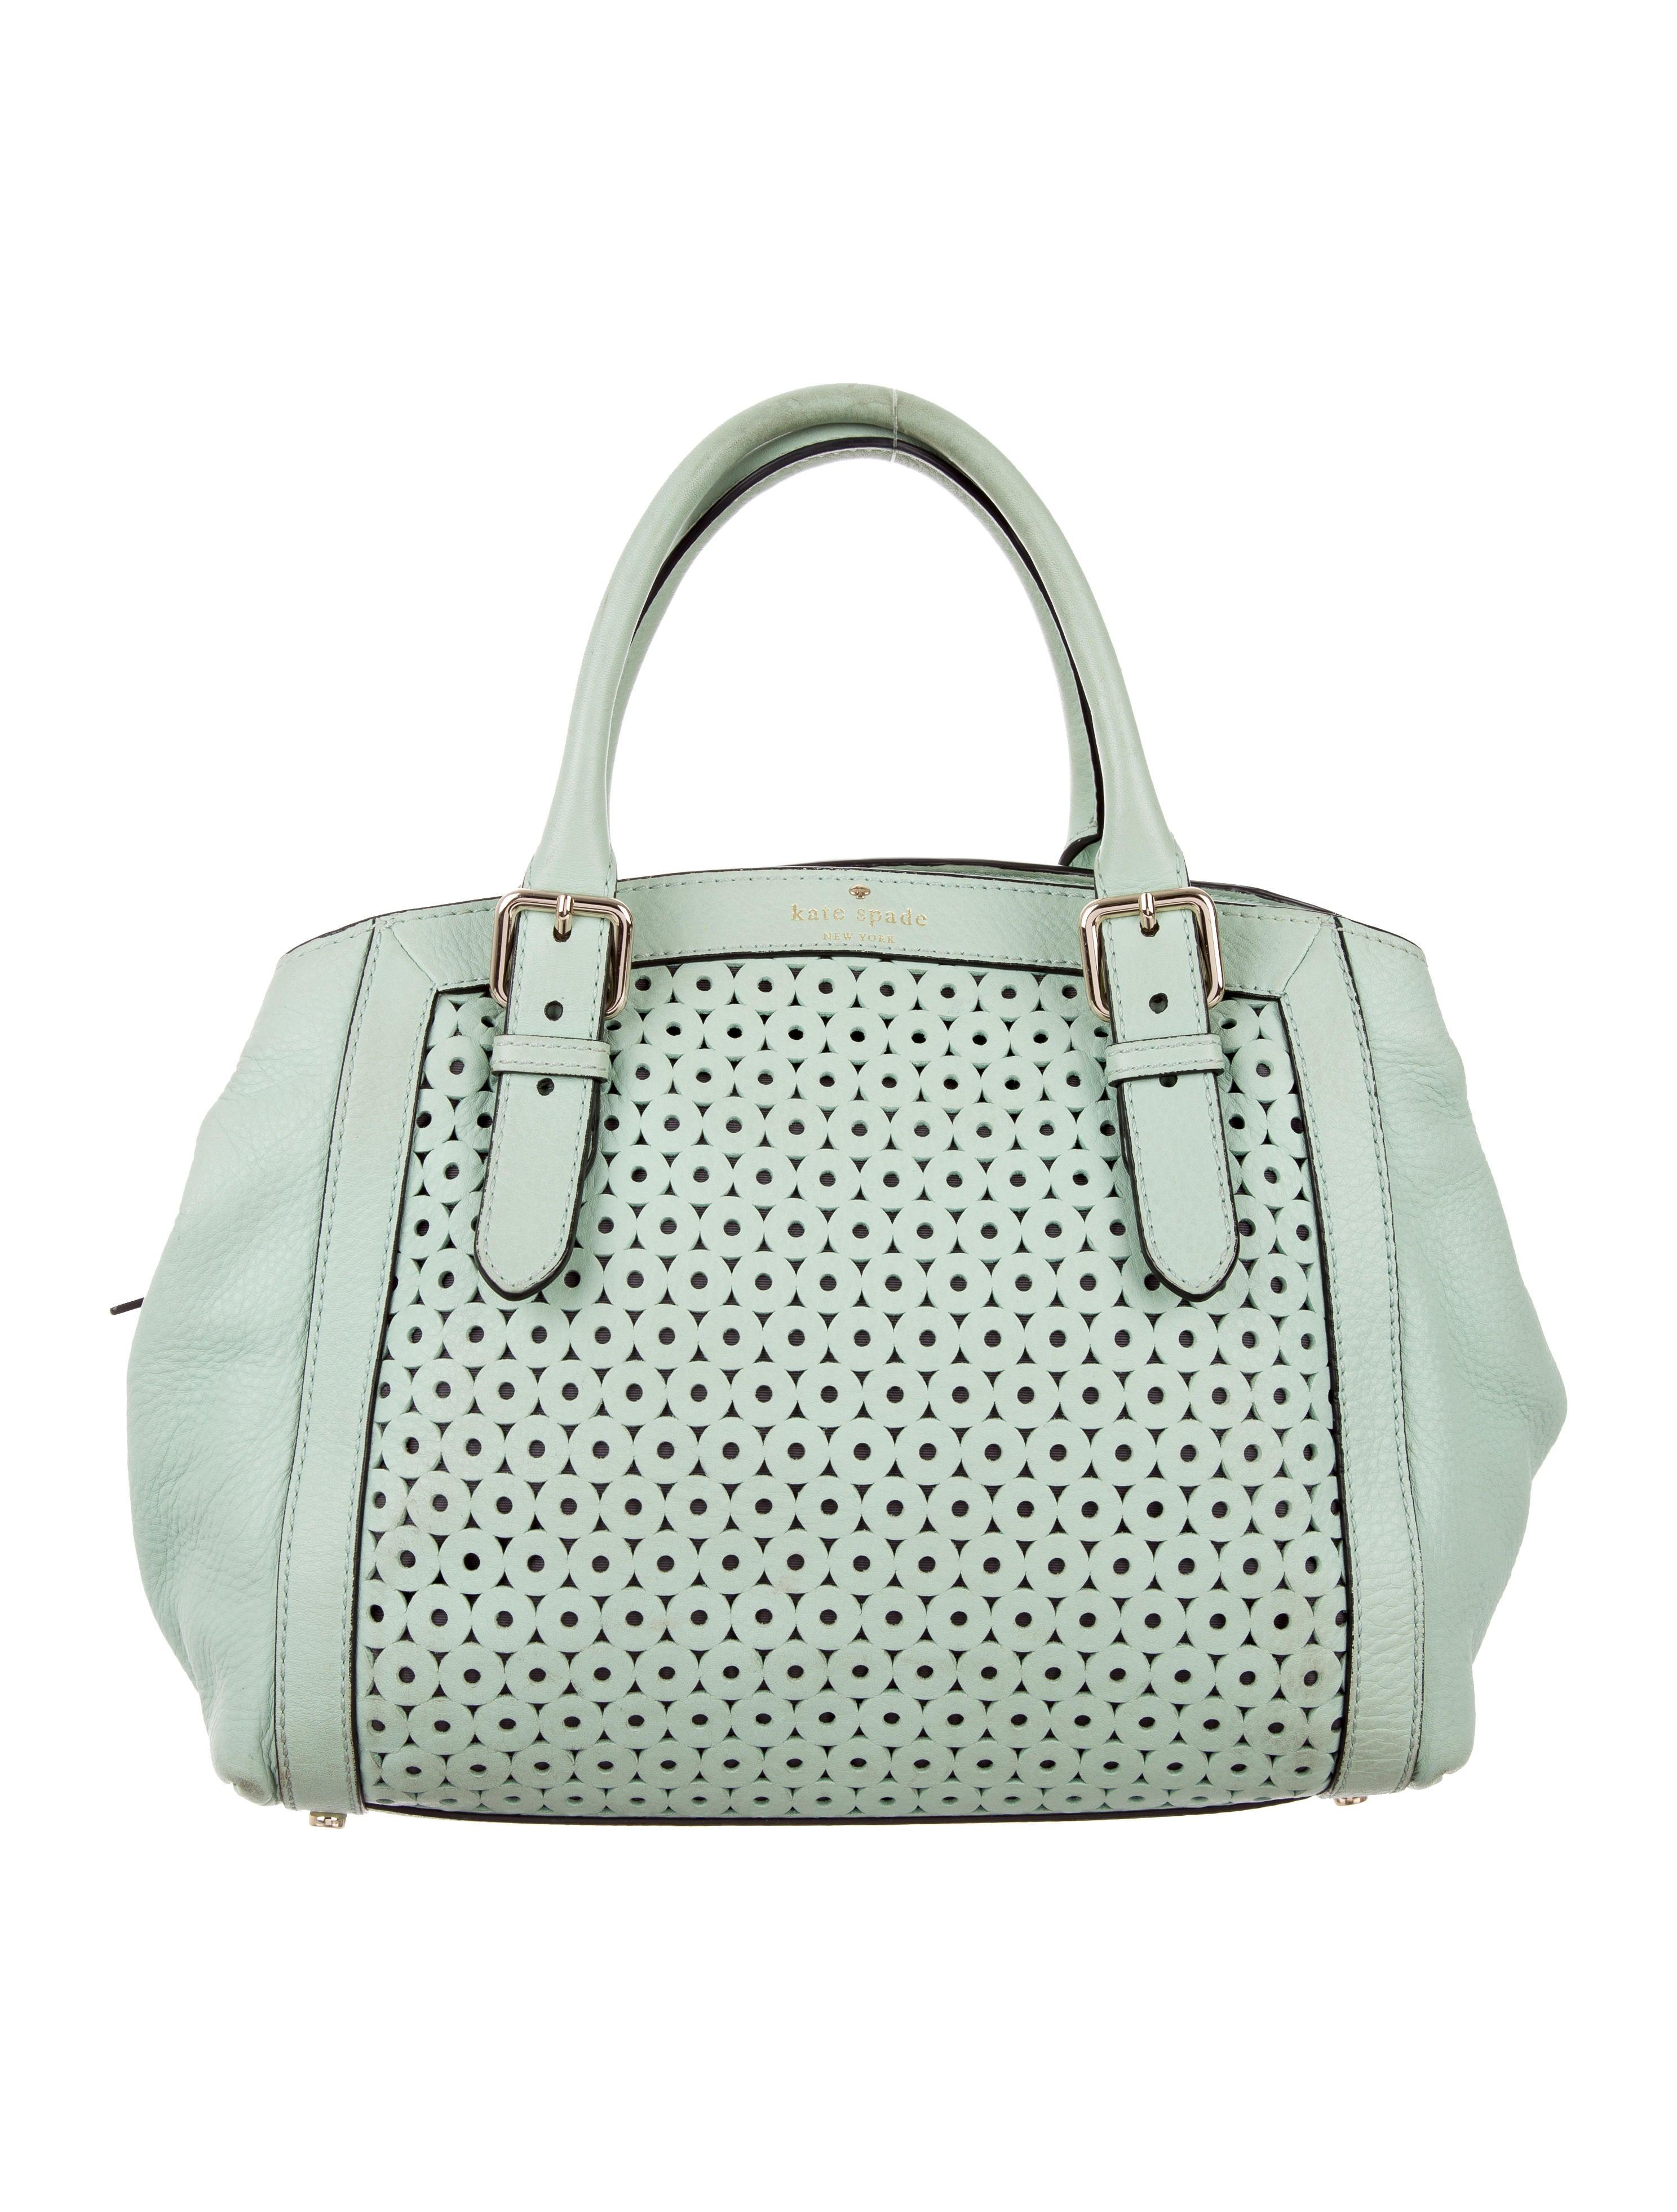 48c06e8e03b5 Kate Spade New York Mercer Isle Sloan Bag - Handbags - WKA65275 ...